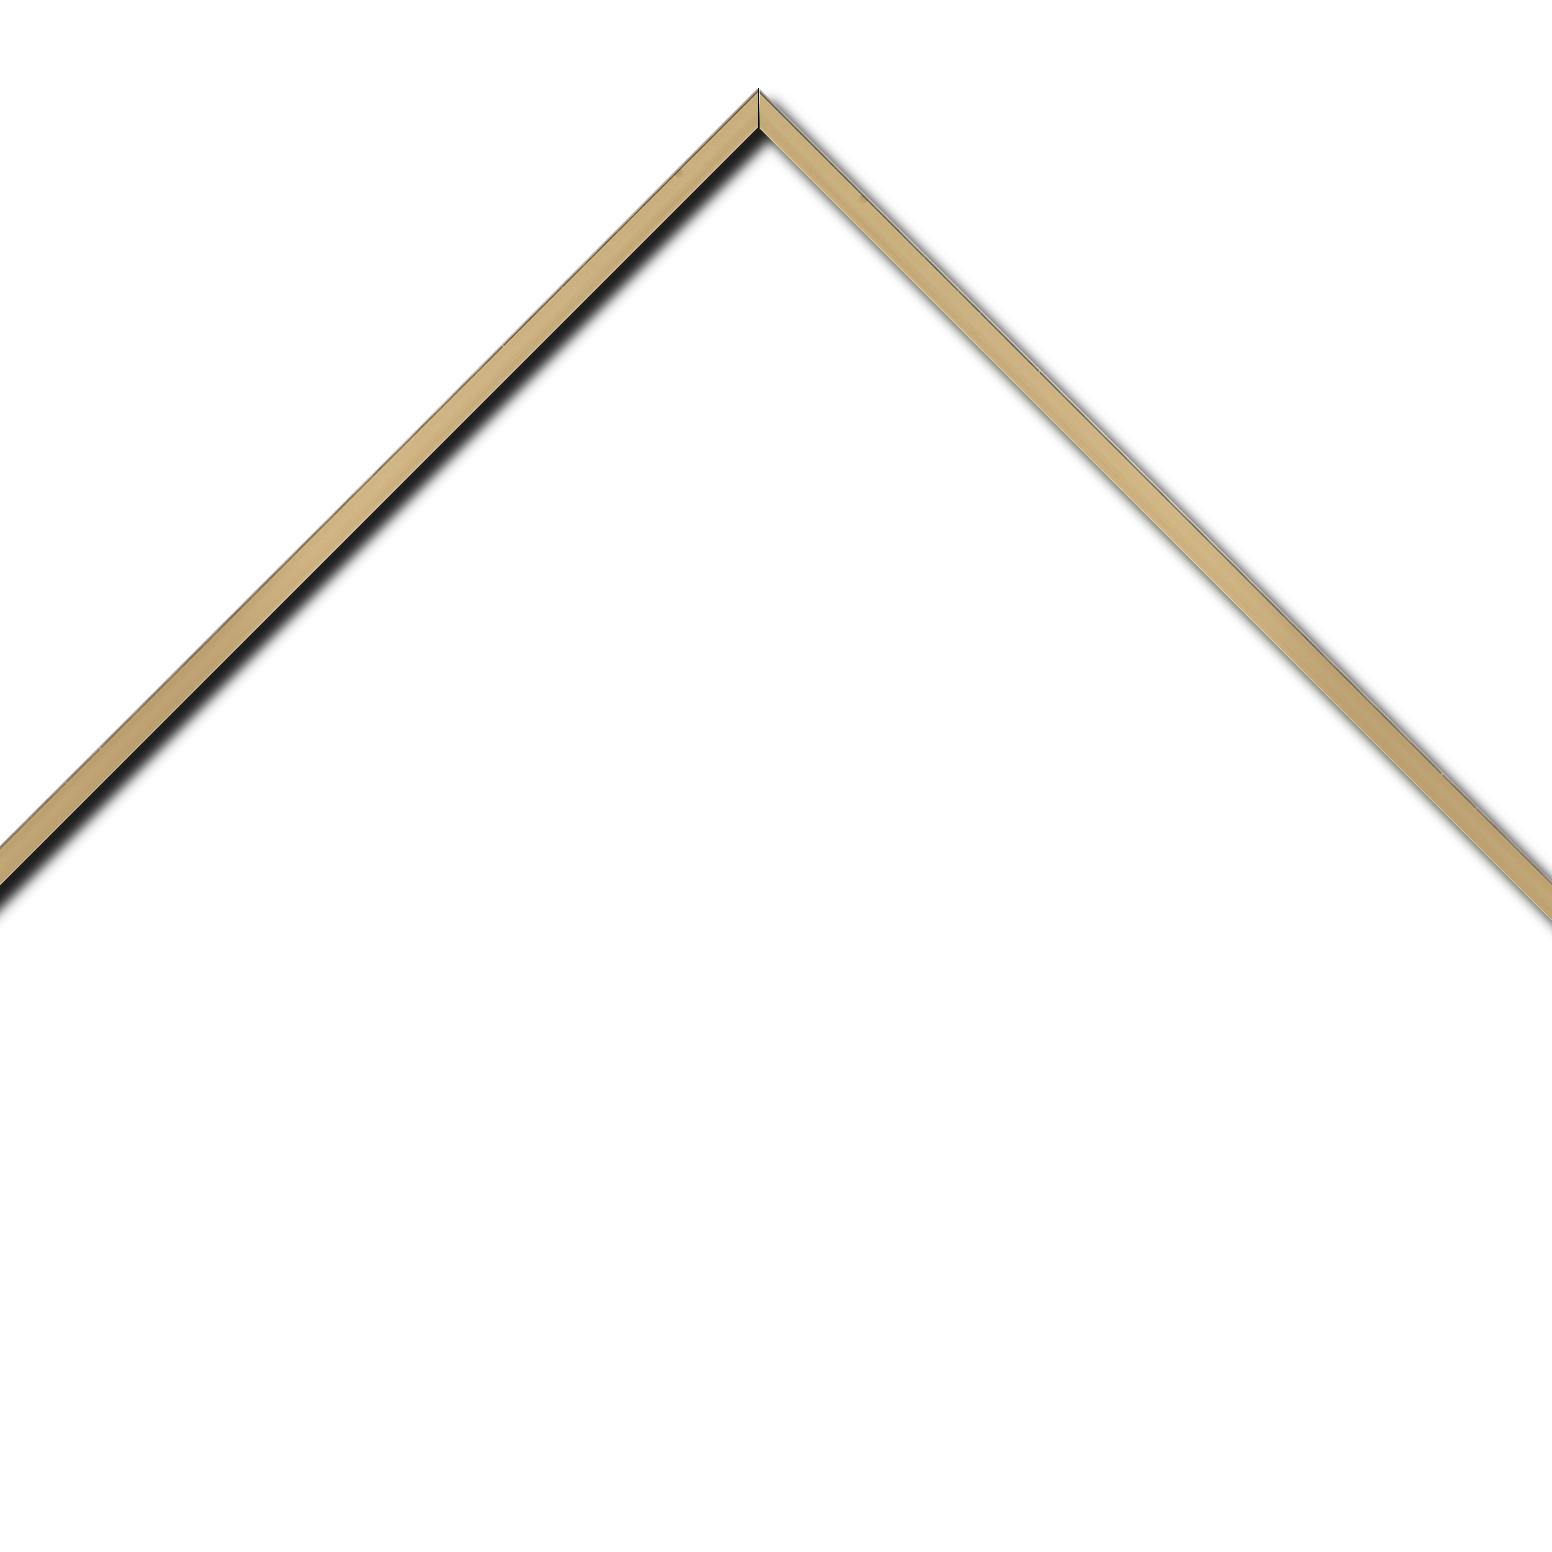 Baguette aluminium profil plat largeur 7mm, couleur or poli ,(le sujet qui sera glissé dans le cadre sera en retrait de 9mm de la face du cadre assurant un effet très contemporain) mise en place du sujet rapide et simple: il faut enlever les ressorts qui permet de pousser le sujet vers l'avant du cadre et ensuite à l'aide d'un tournevis plat dévisser un coté du cadre tenu par une équerre à vis à chaque angle afin de pouvoir glisser le sujet dans celui-ci et ensuite revisser le coté (encadrement livré monté prêt à l'emploi )